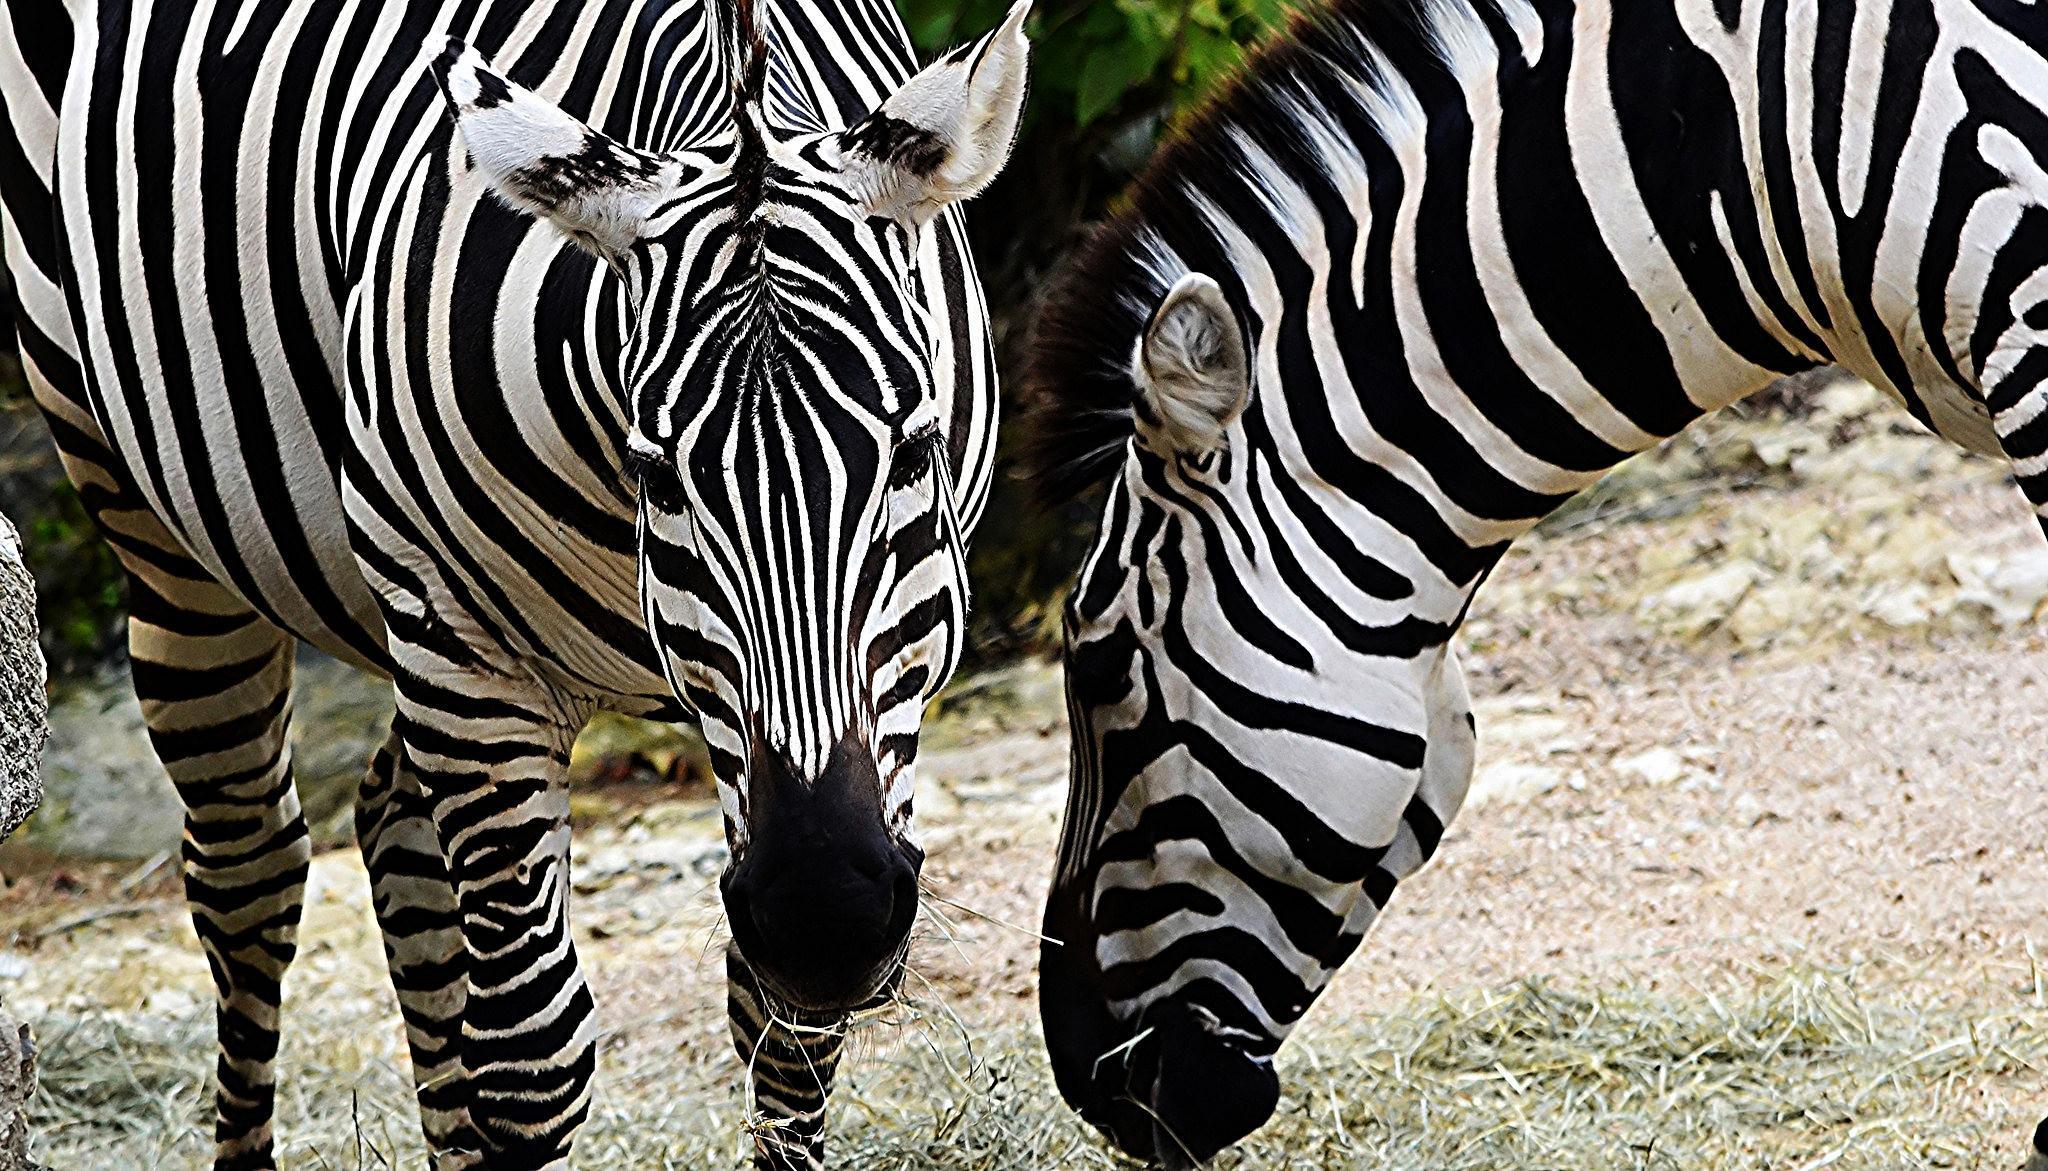 Zebra's by kelli.oconnormays